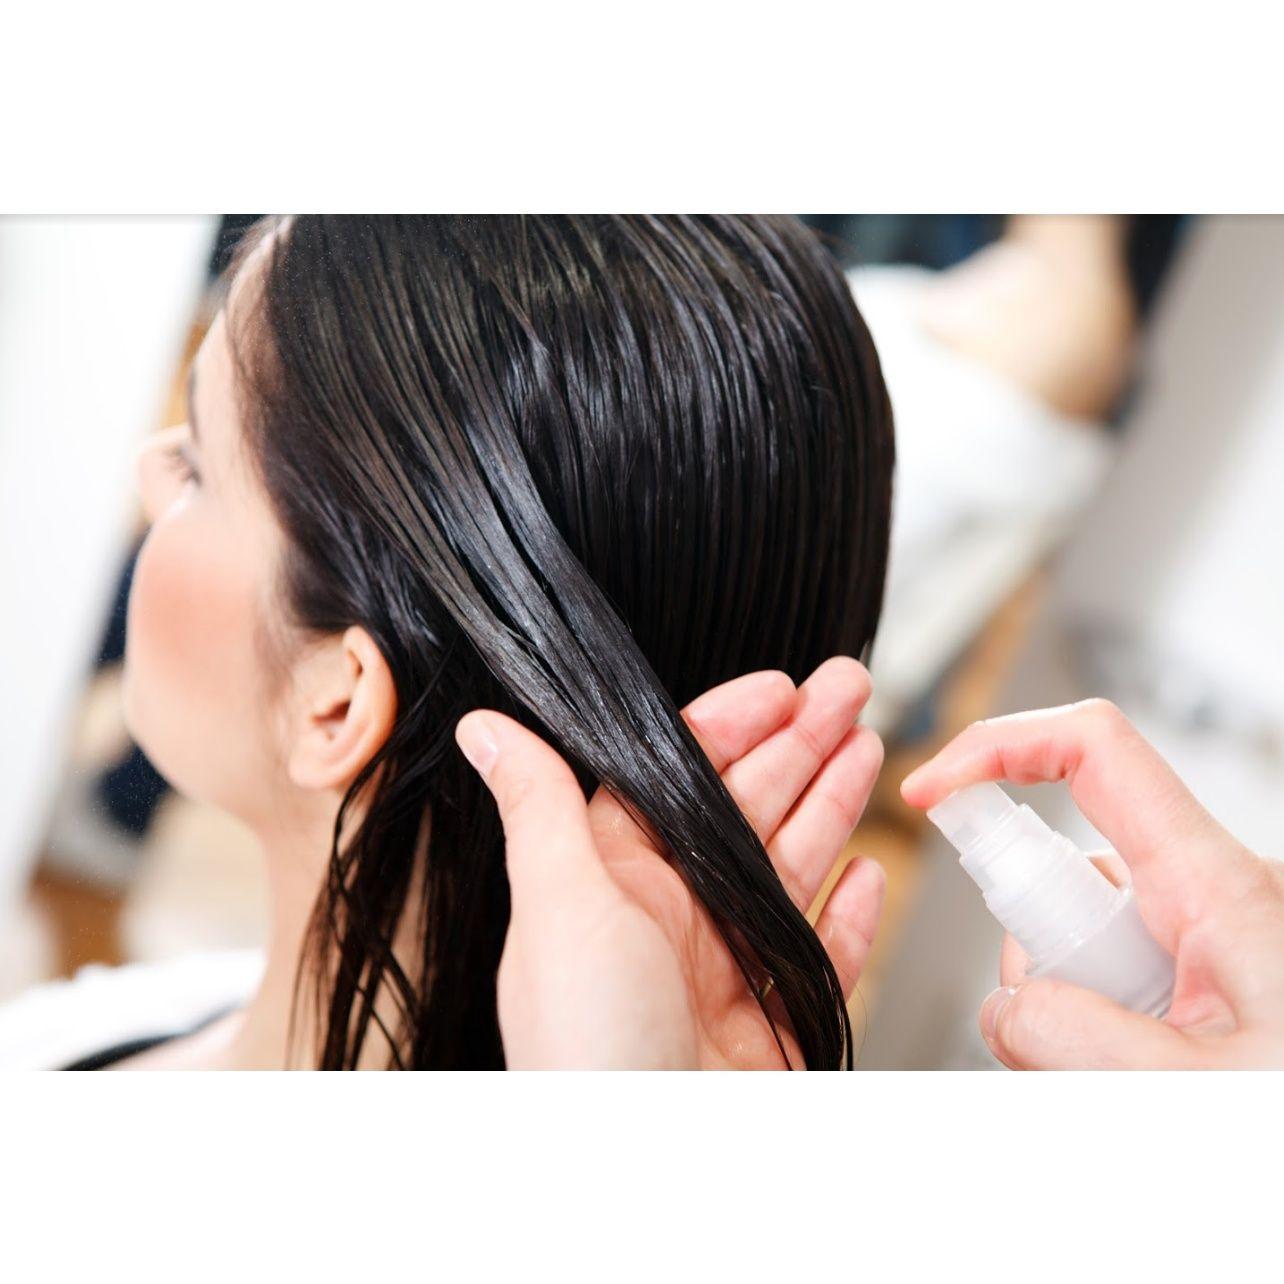 Tratamientos caída cabello: Servicios de Farmacia Carmen Hervás Laguna